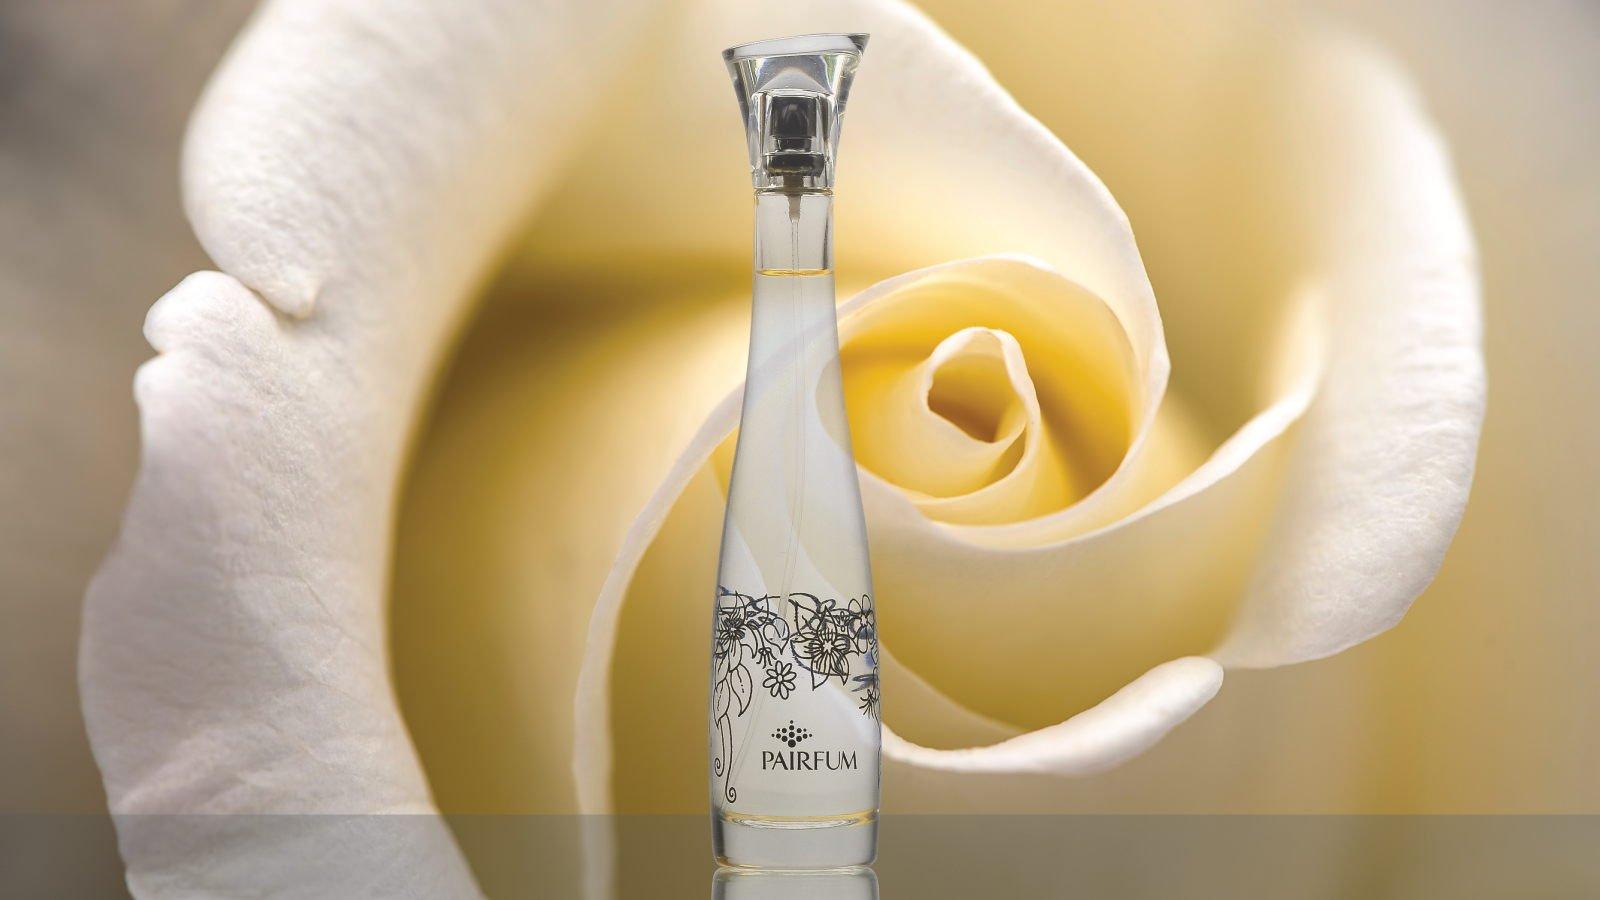 Flacon Room Fragrance Spray Rose White Flower 16 9